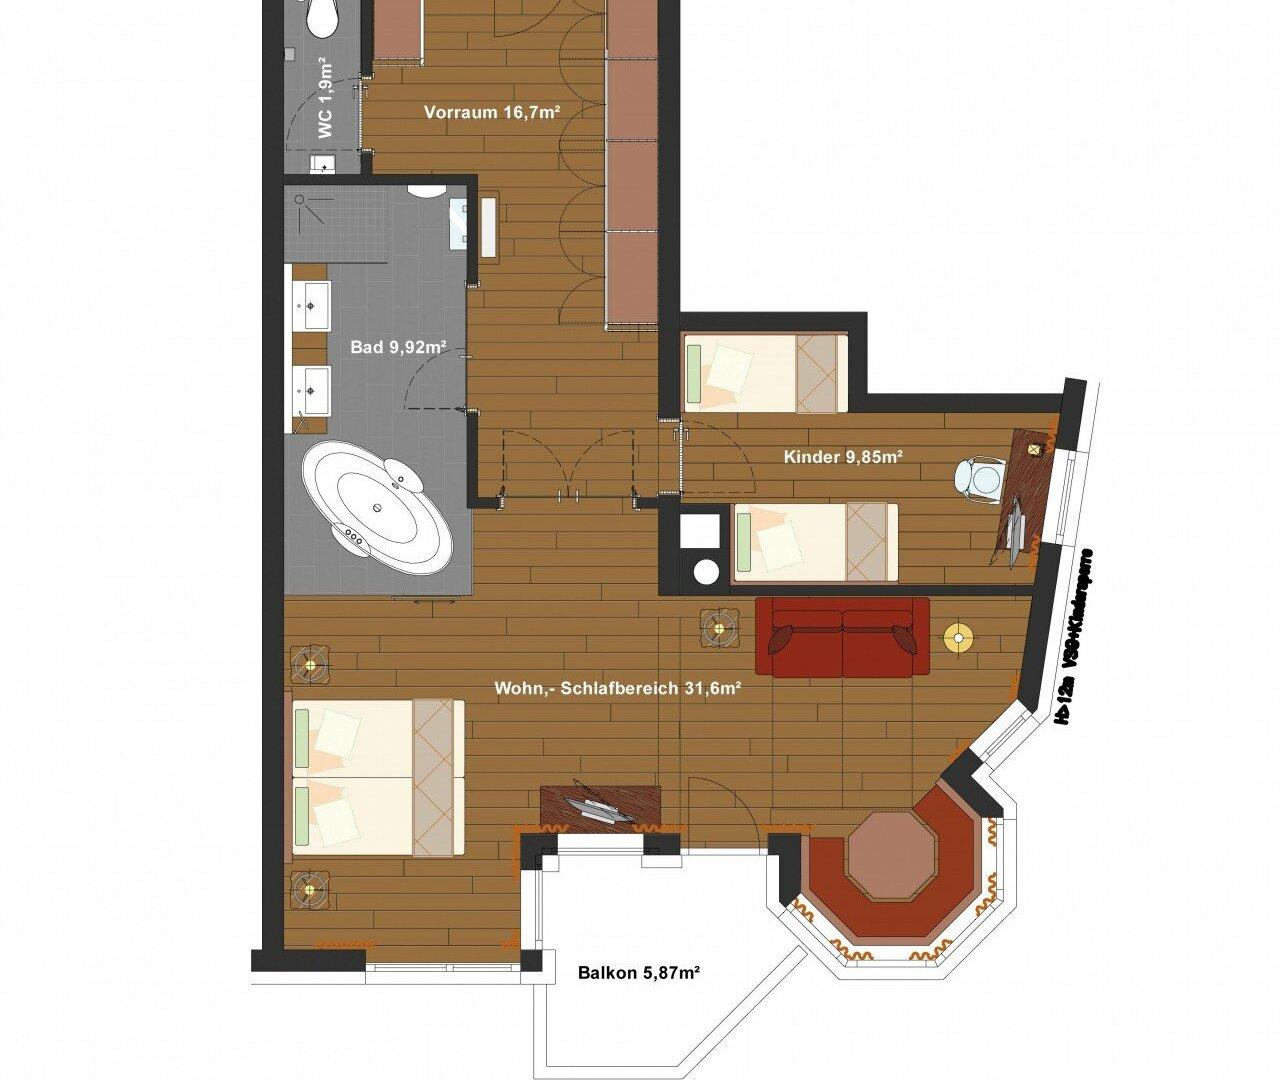 Grundriss bad l nglich haus design m bel ideen und for Design kinderhotel